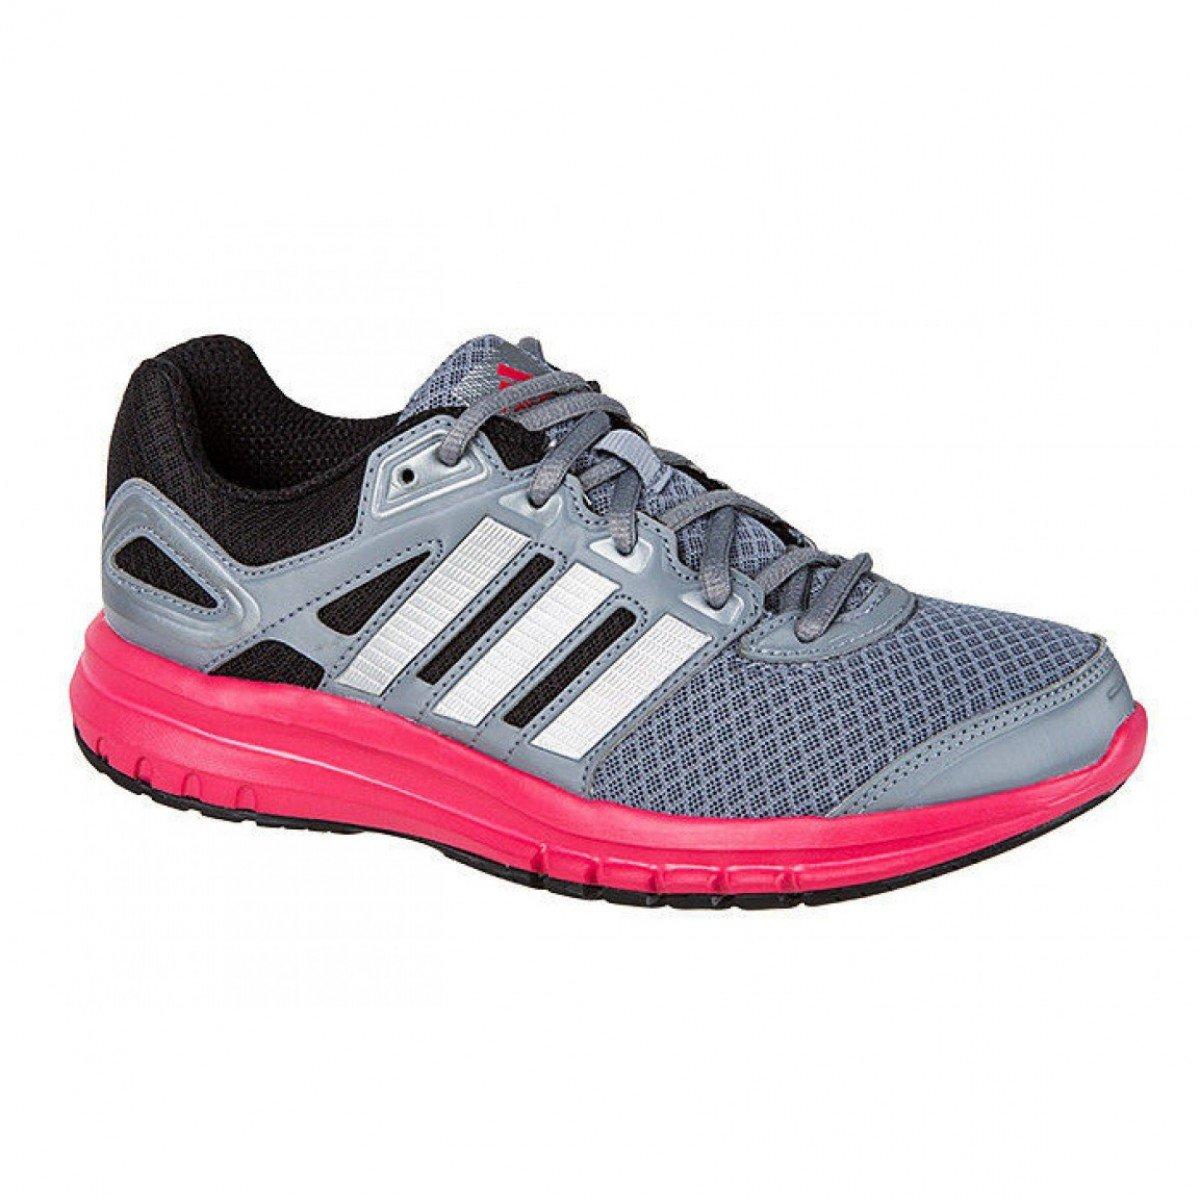 8222ccdd3 Tênis Adidas Duramo 6 Cinza Rosa Feminino - Compre Agora